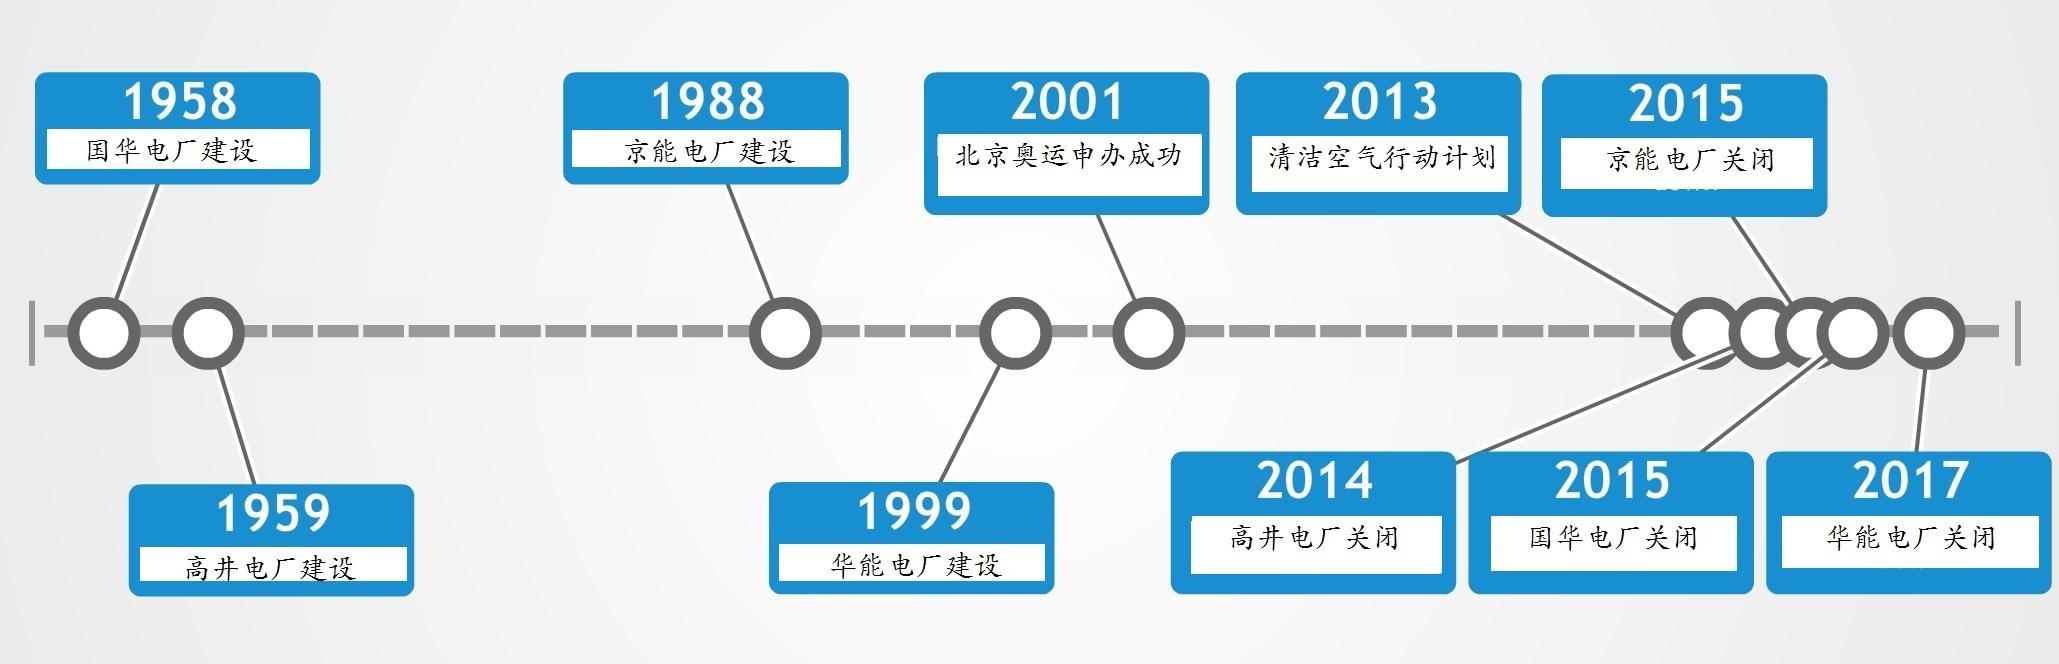 新中国工业化的煤电厂(1958 - 2017)